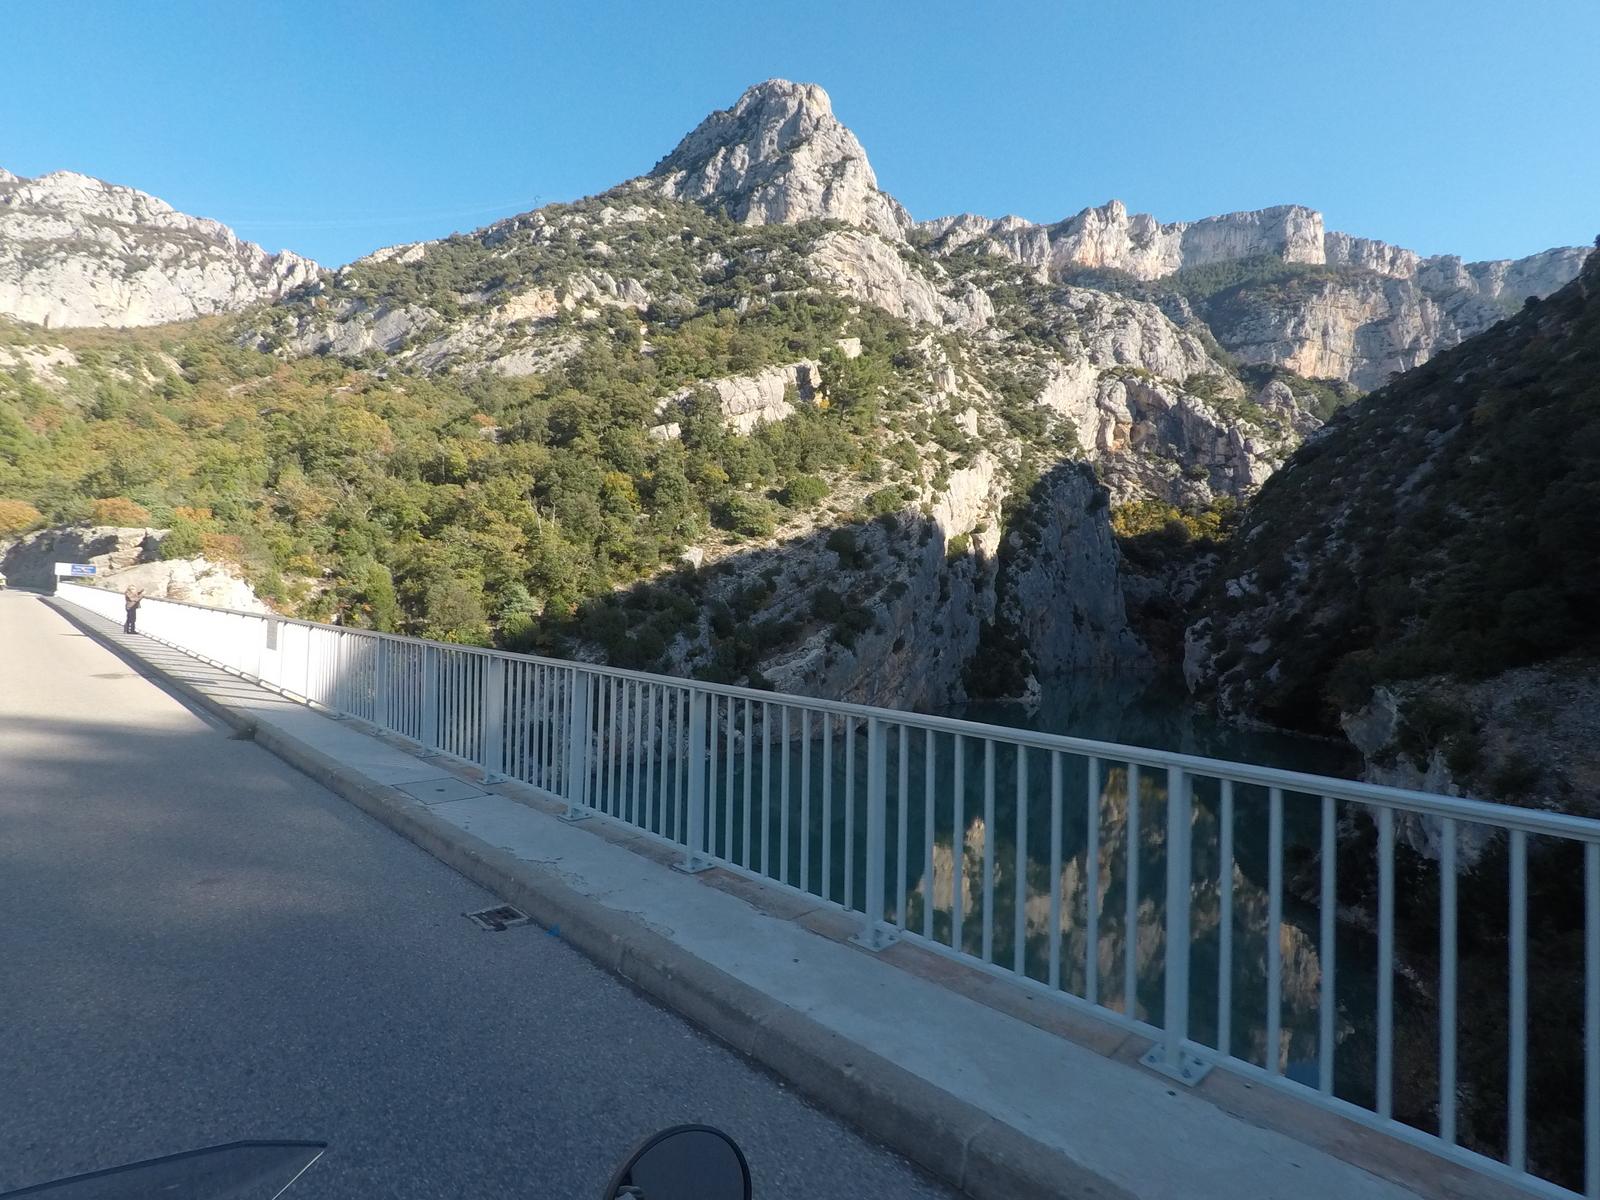 le pont du Galetas : entrée des gorges du Verdon